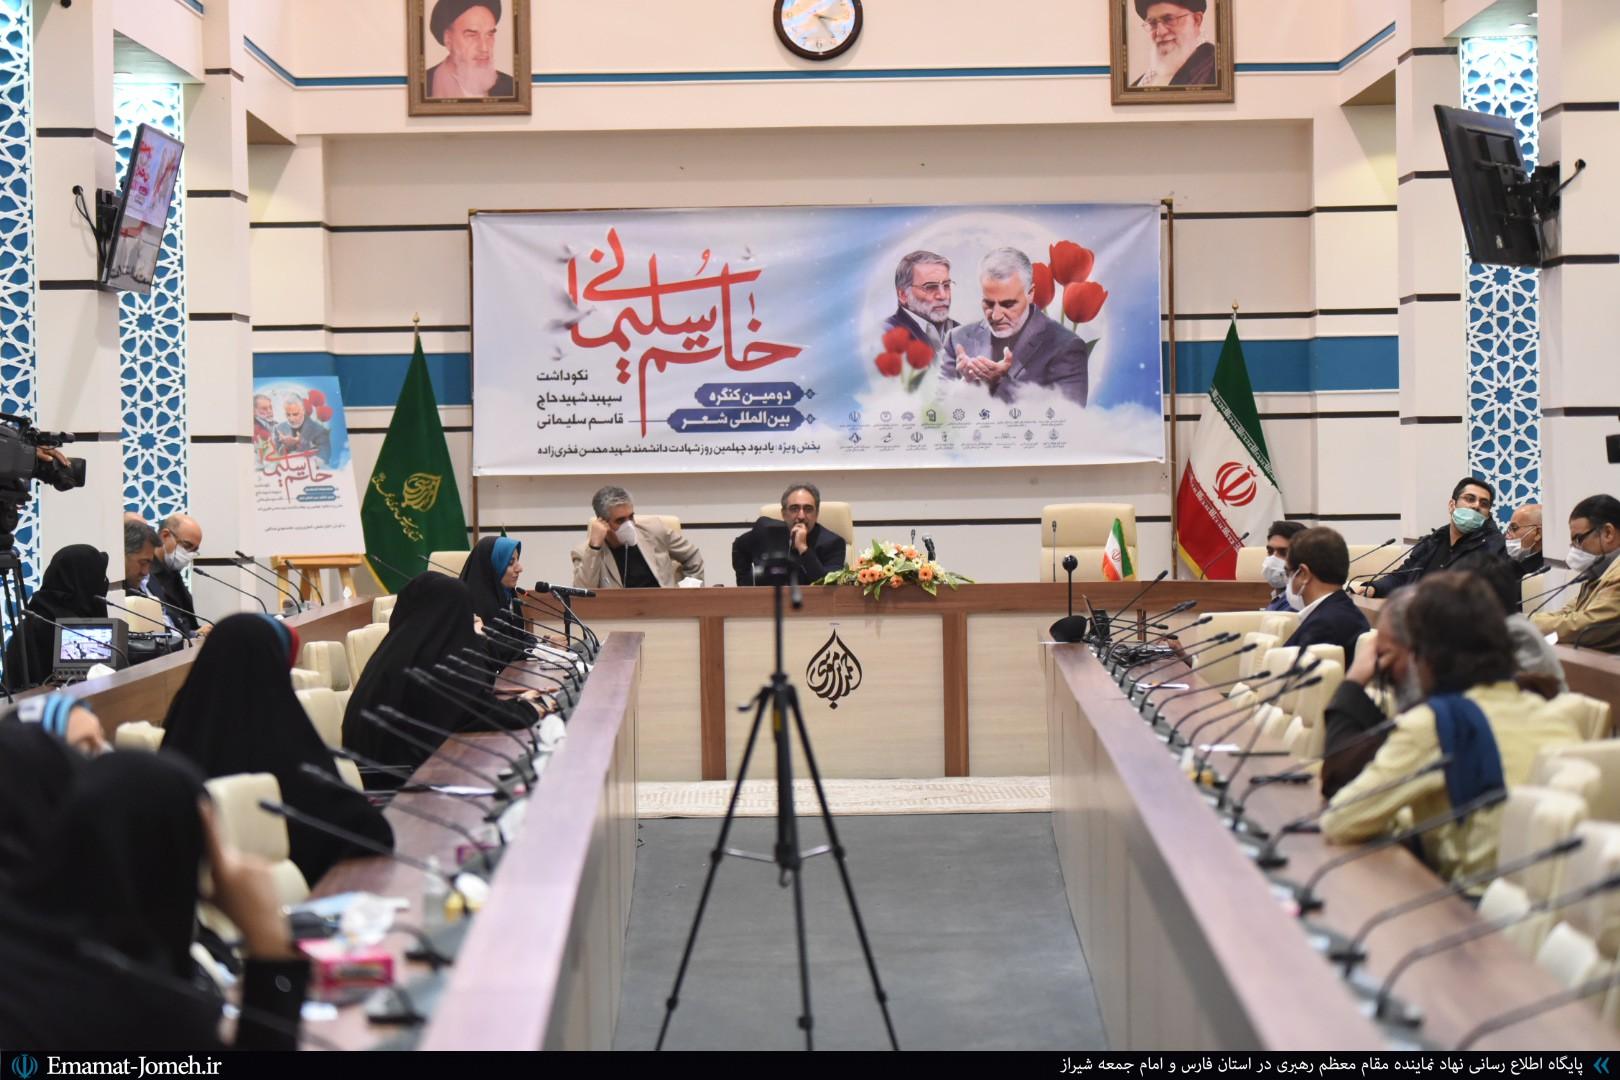 دومین کنگره بین المللی شعر خاتم سلیمانی در شیراز